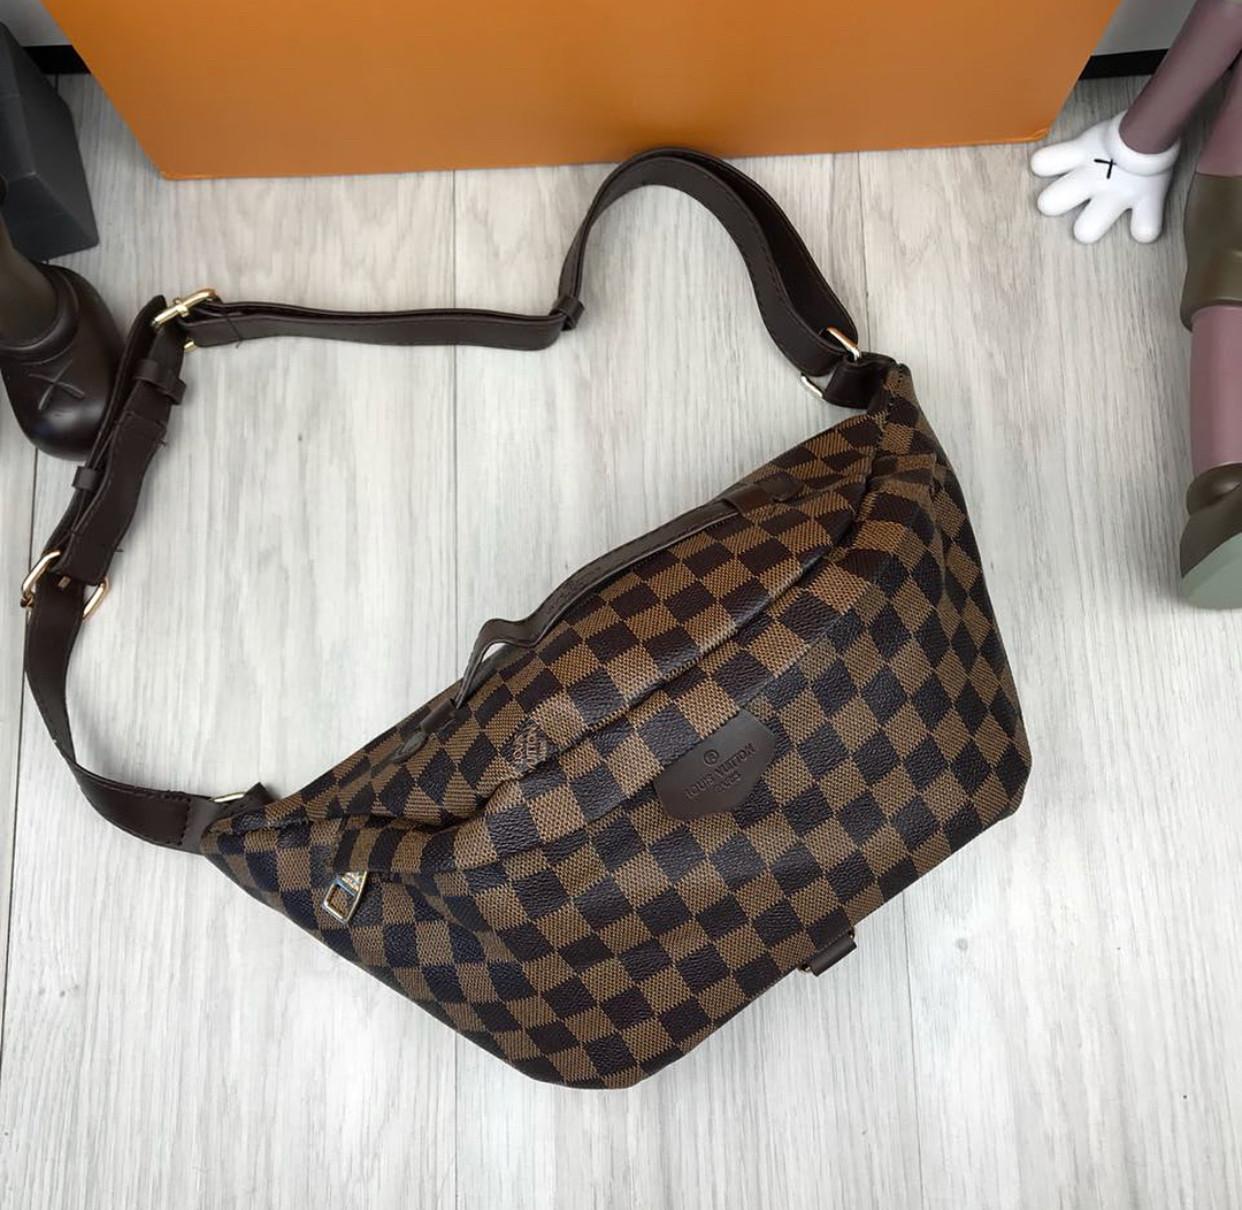 5292022166d1 Сумка на пояс бананка брендовая Louis Vuitton коричневая мужская женская  копия высокого качества - AMARKET -